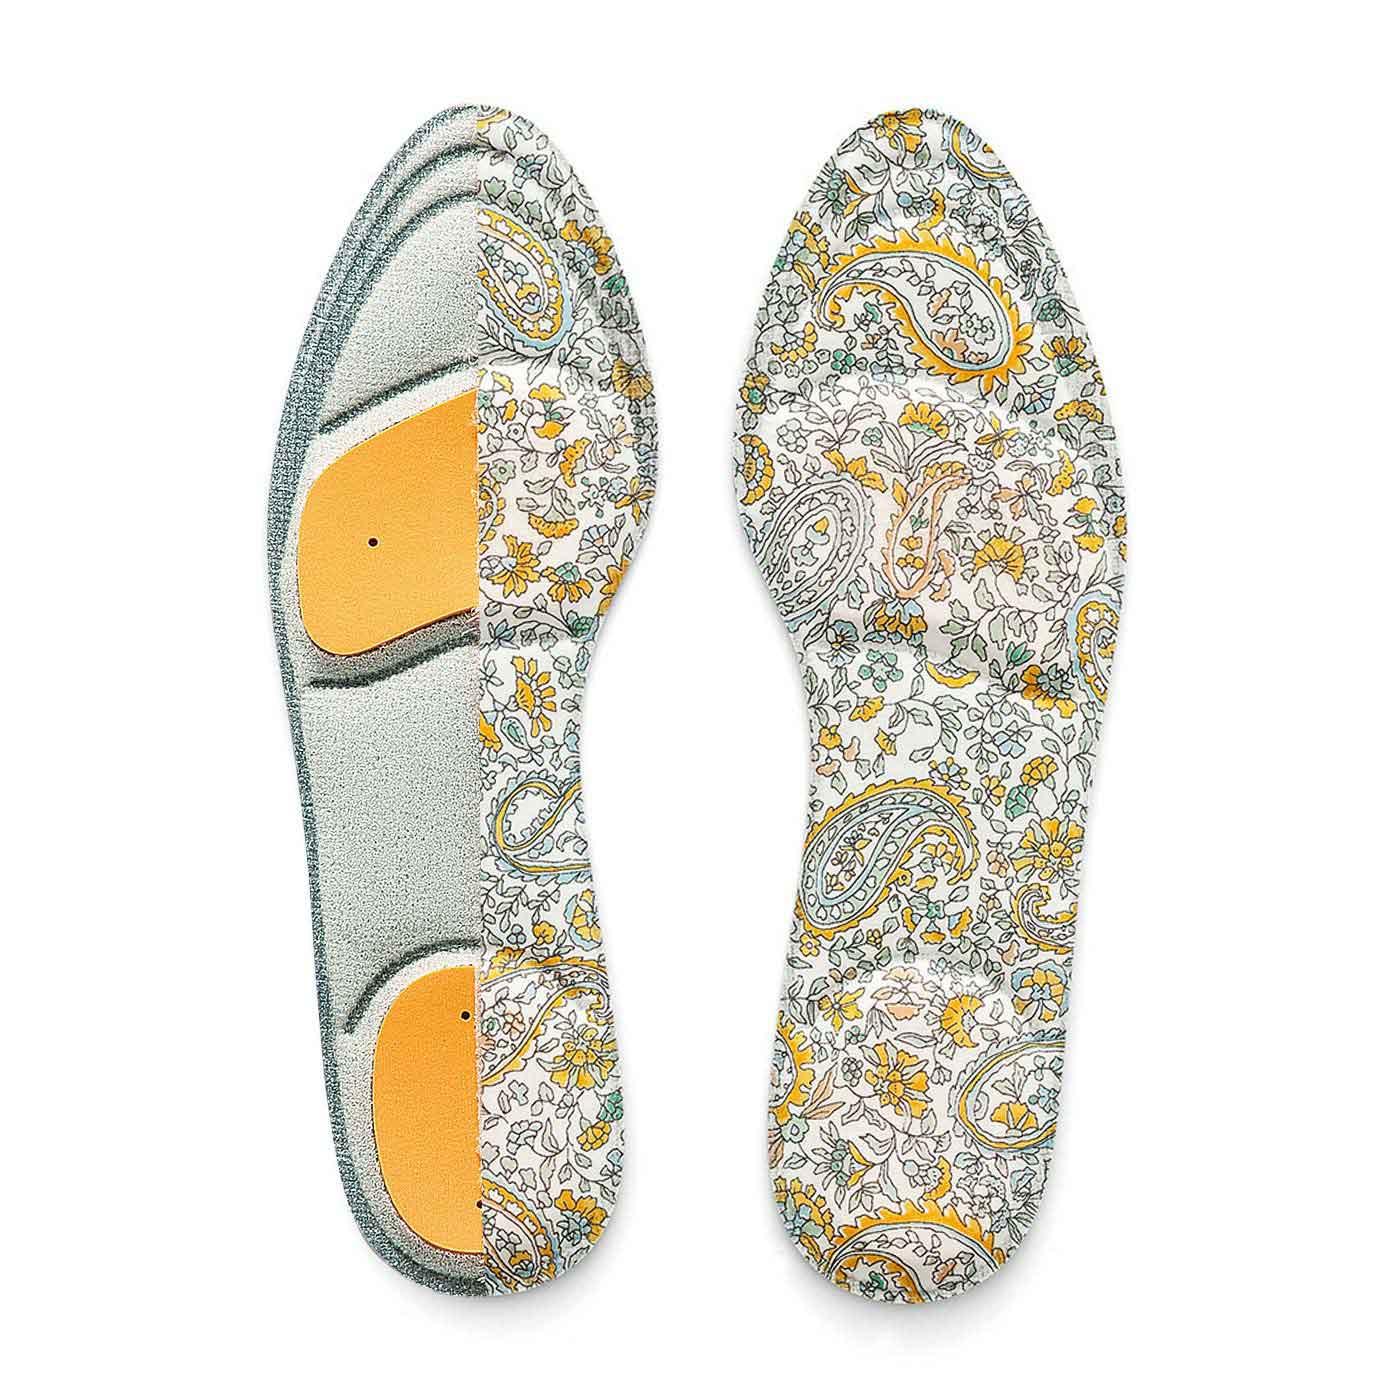 体重のかかる足指の付け根部分&かかとに衝撃吸収クッションをイン。足の付け根部分には前滑りを防ぐシリコーンの滑り止め付き。靴のサイズに合わせてカットできます。